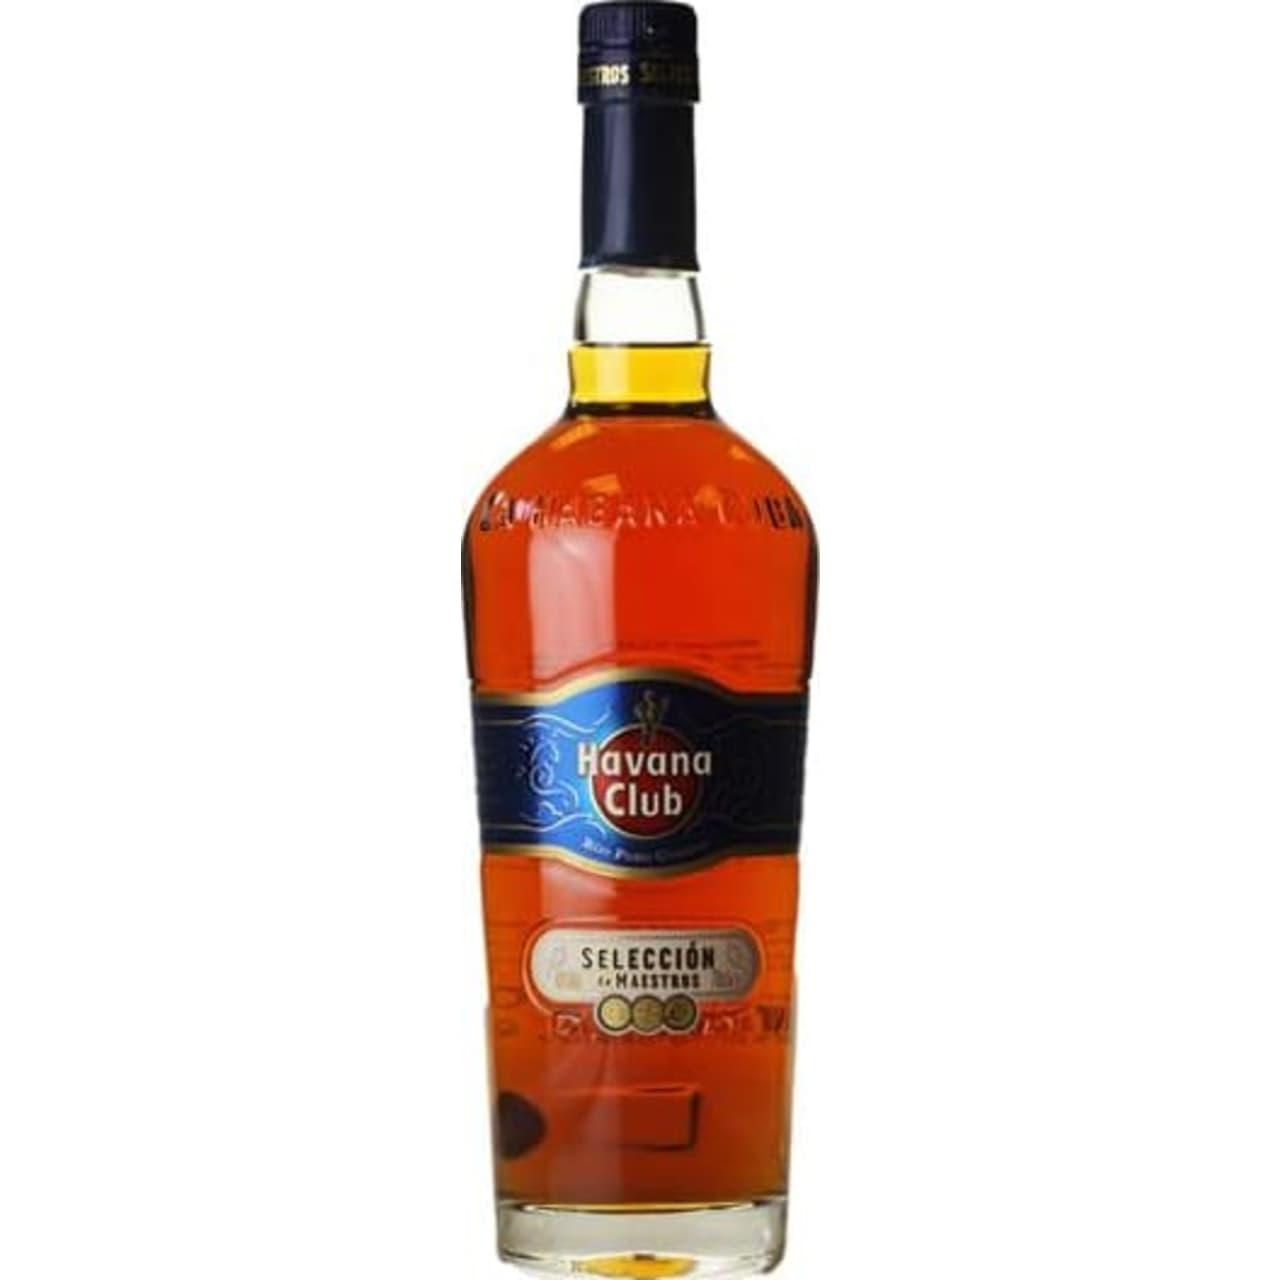 Product Image - Havana Club Seleccion de Maestros Rum